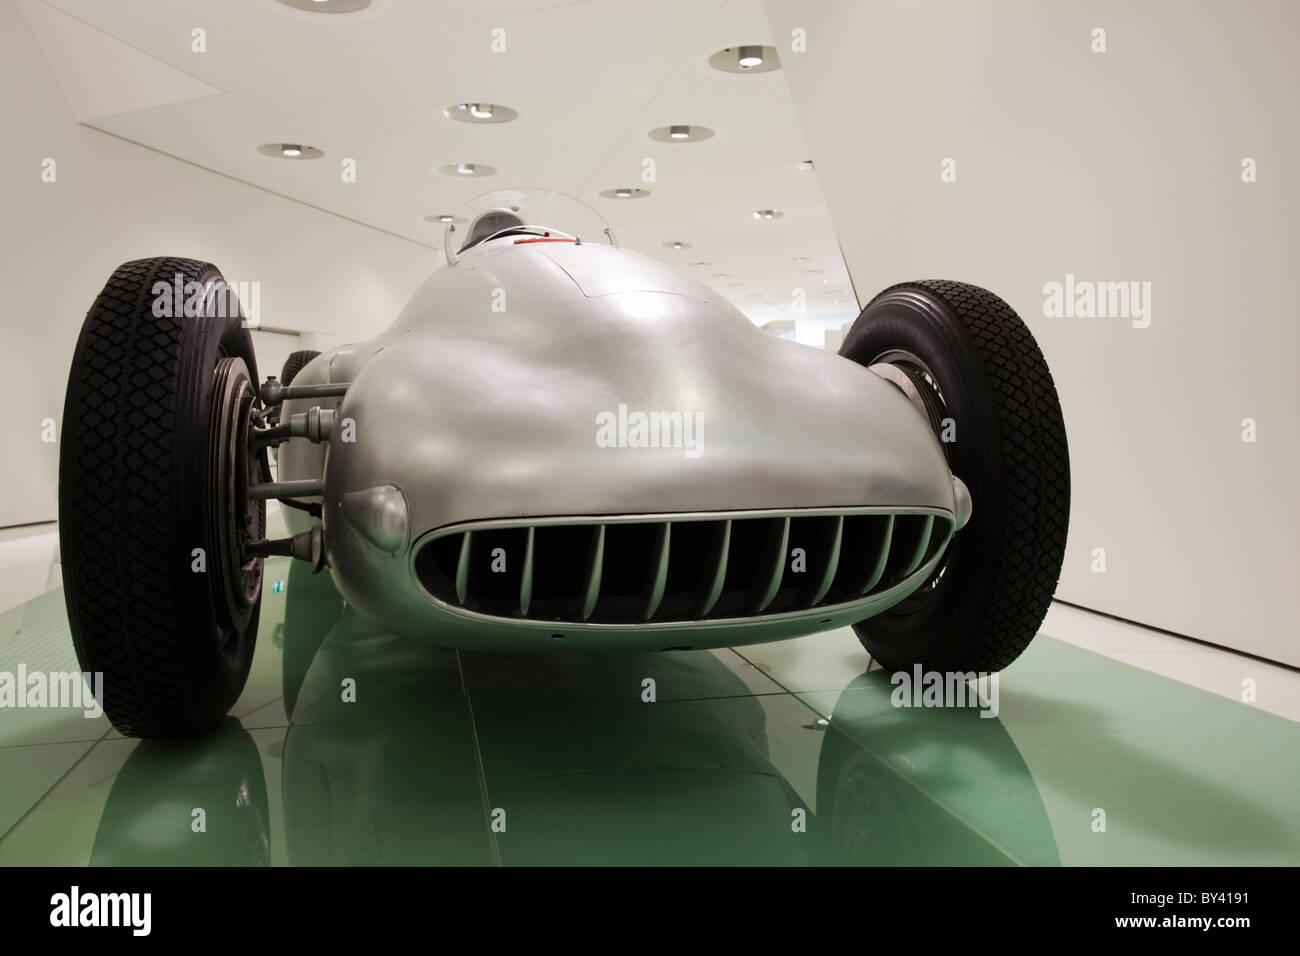 Deutschland, Stuttgart, Porsche-Museum, 1947 Porsche 360 Cisitalia auf dem display Stockbild